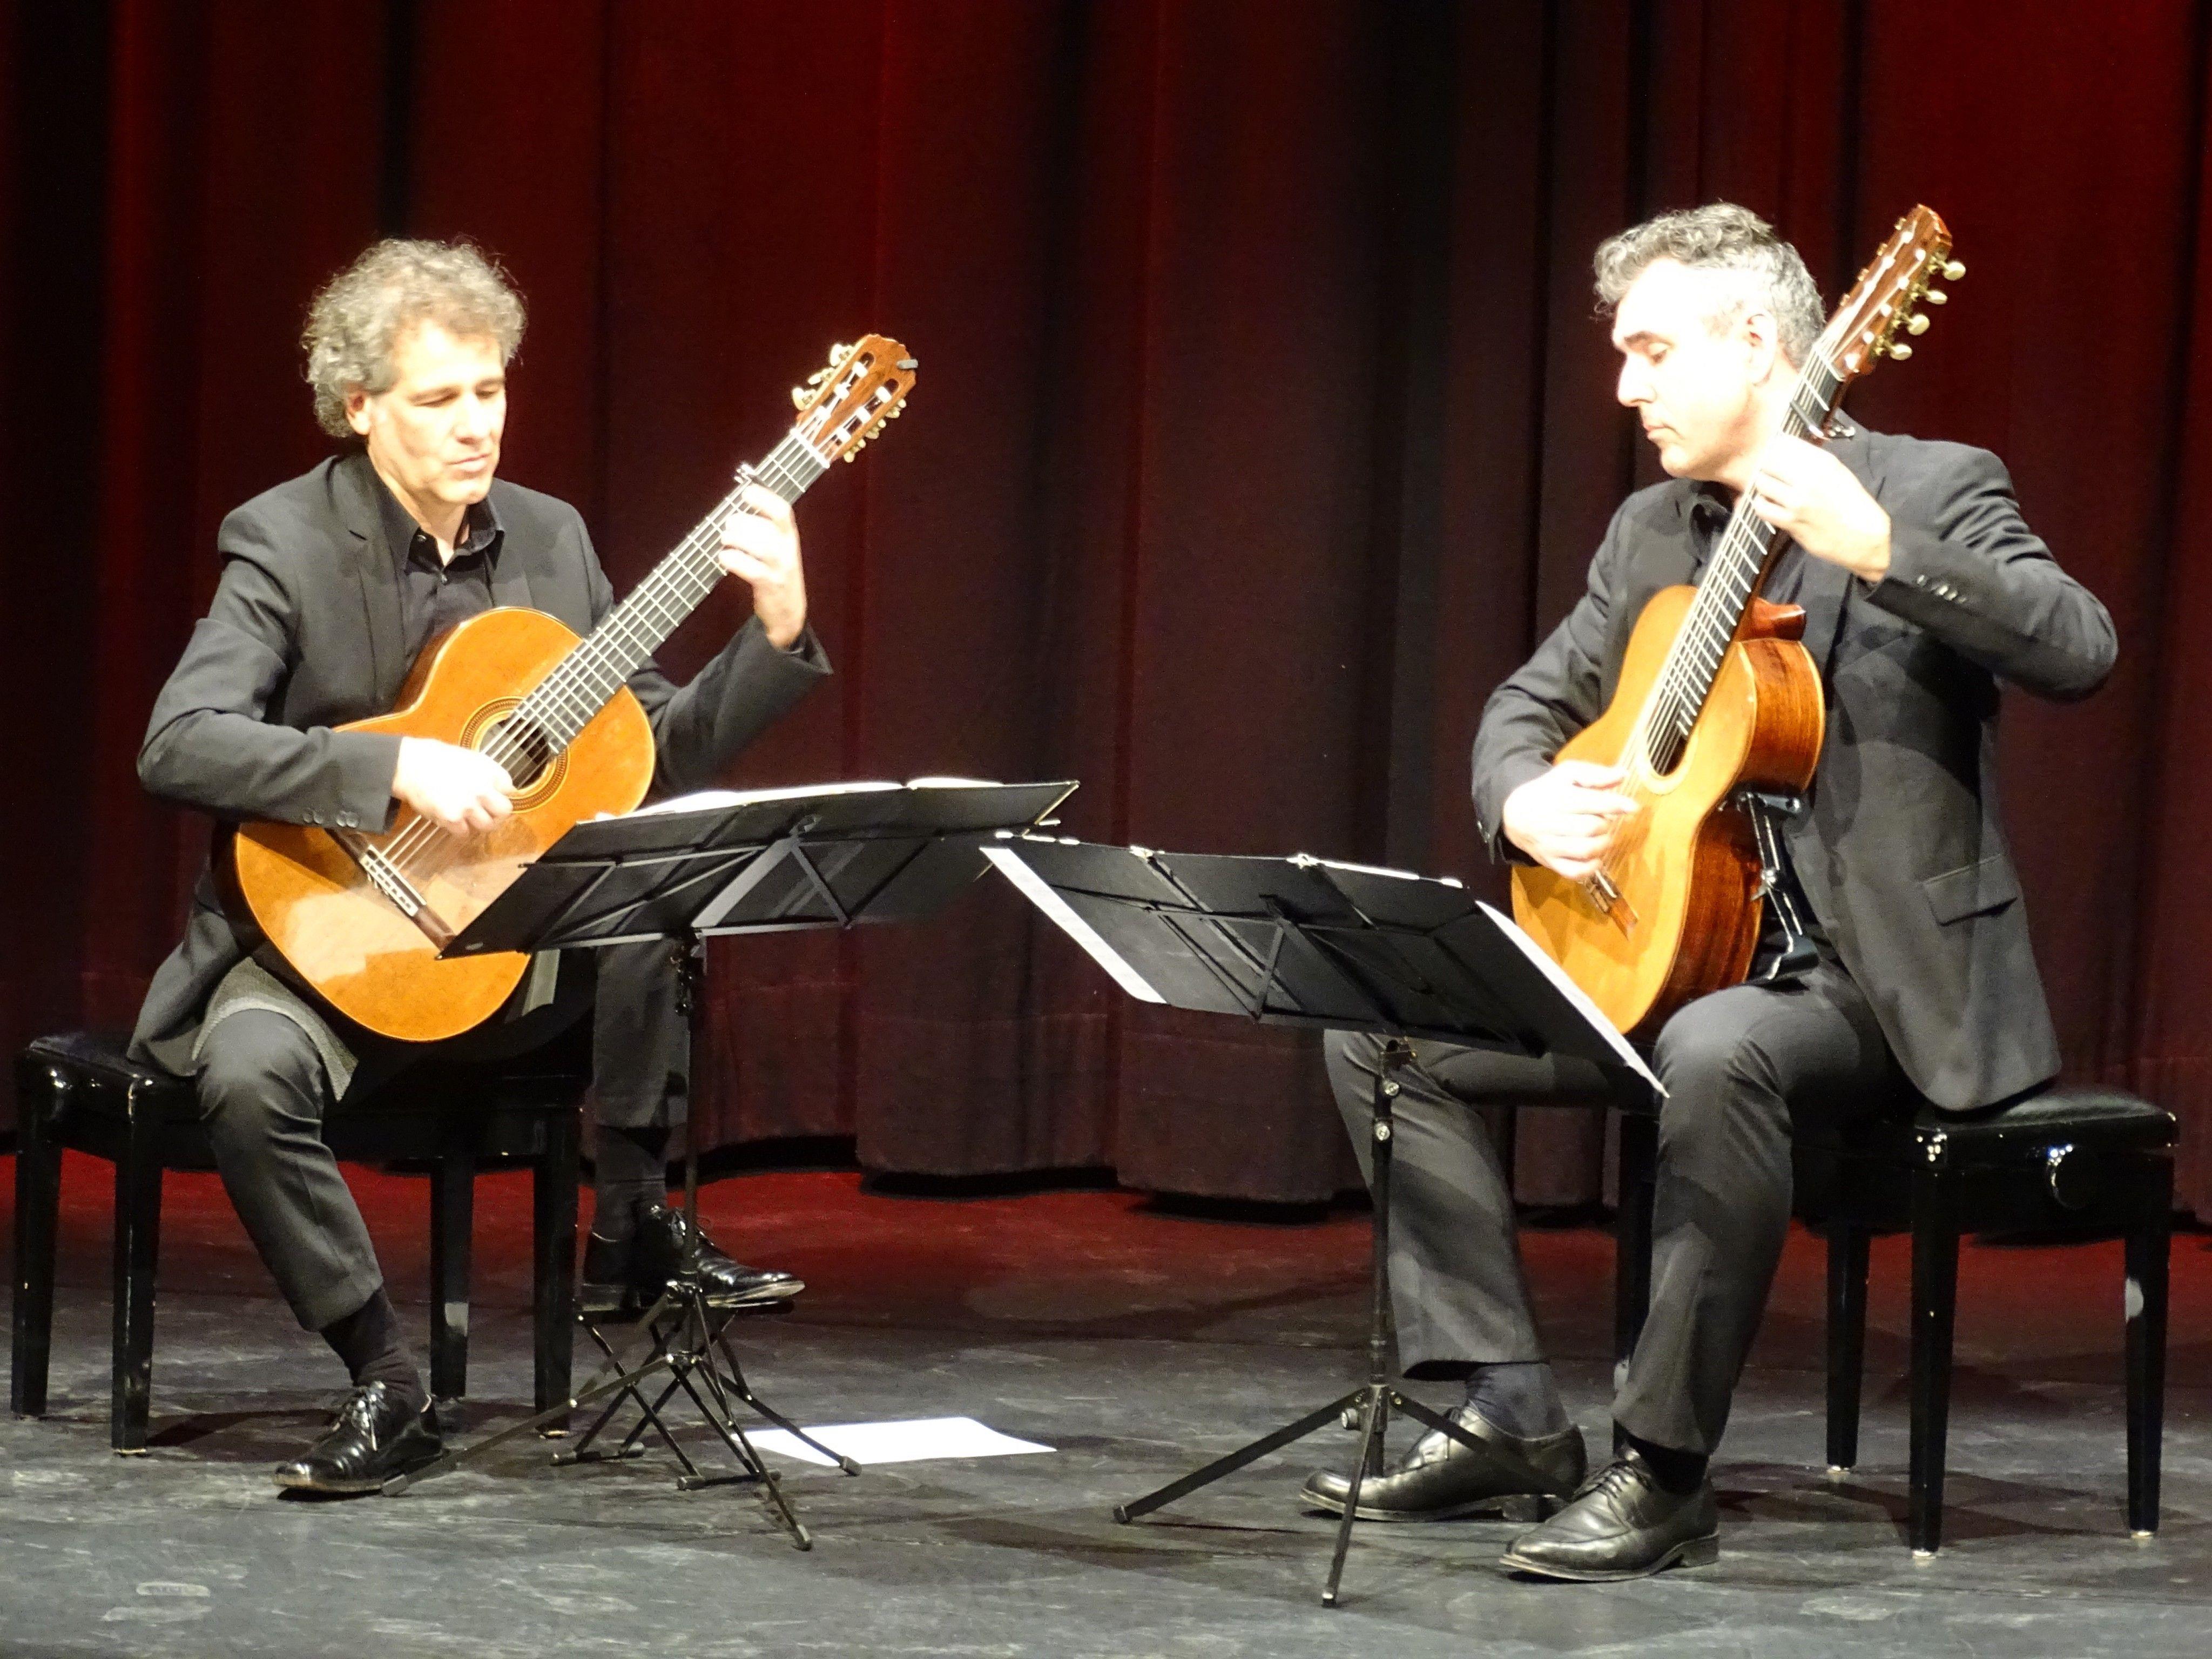 Die Weltklasse-Gitarristen Alexander Swete und Martin Schwarz präsentierten eine musikalische Reise durch die Jahrhunderte.